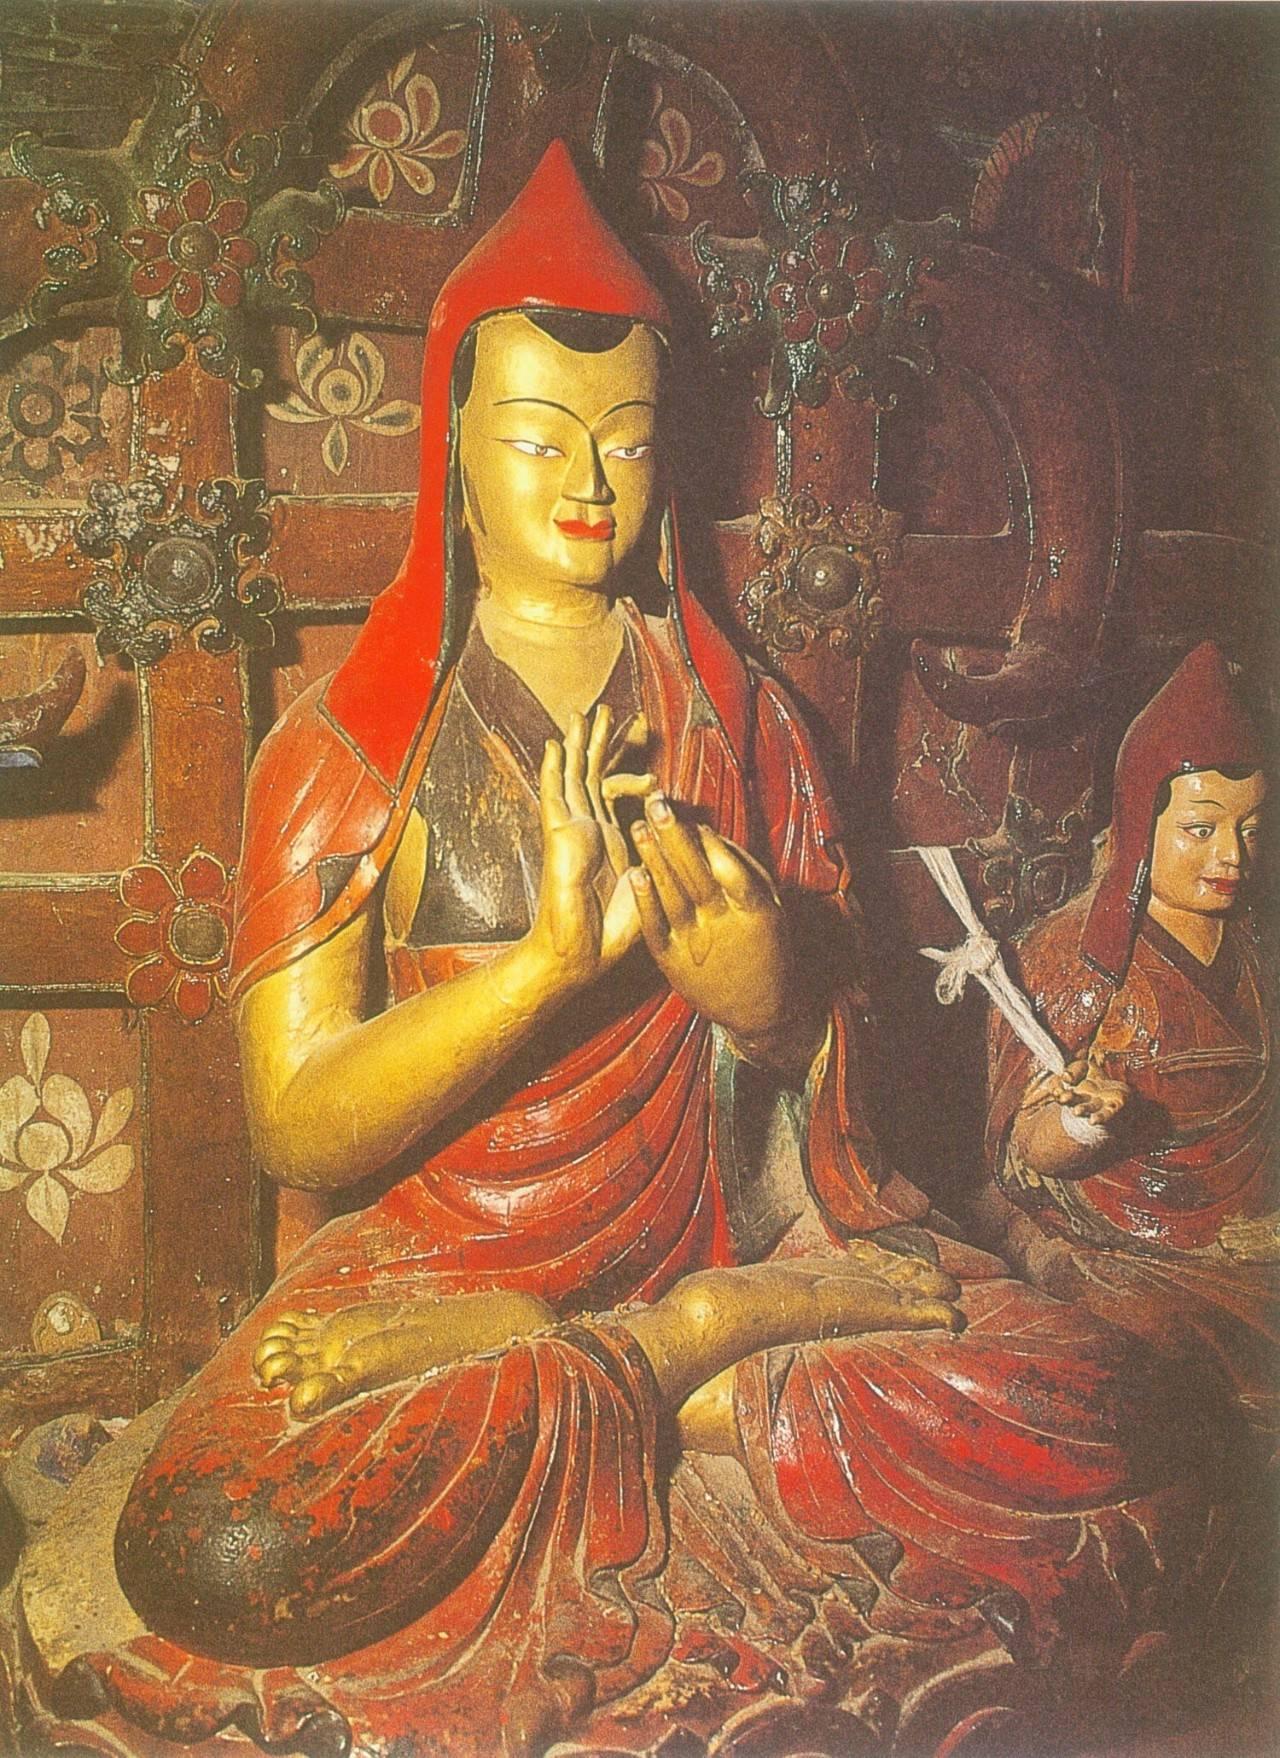 阿底峡尊者:藏传佛教噶当派祖师_腾讯网